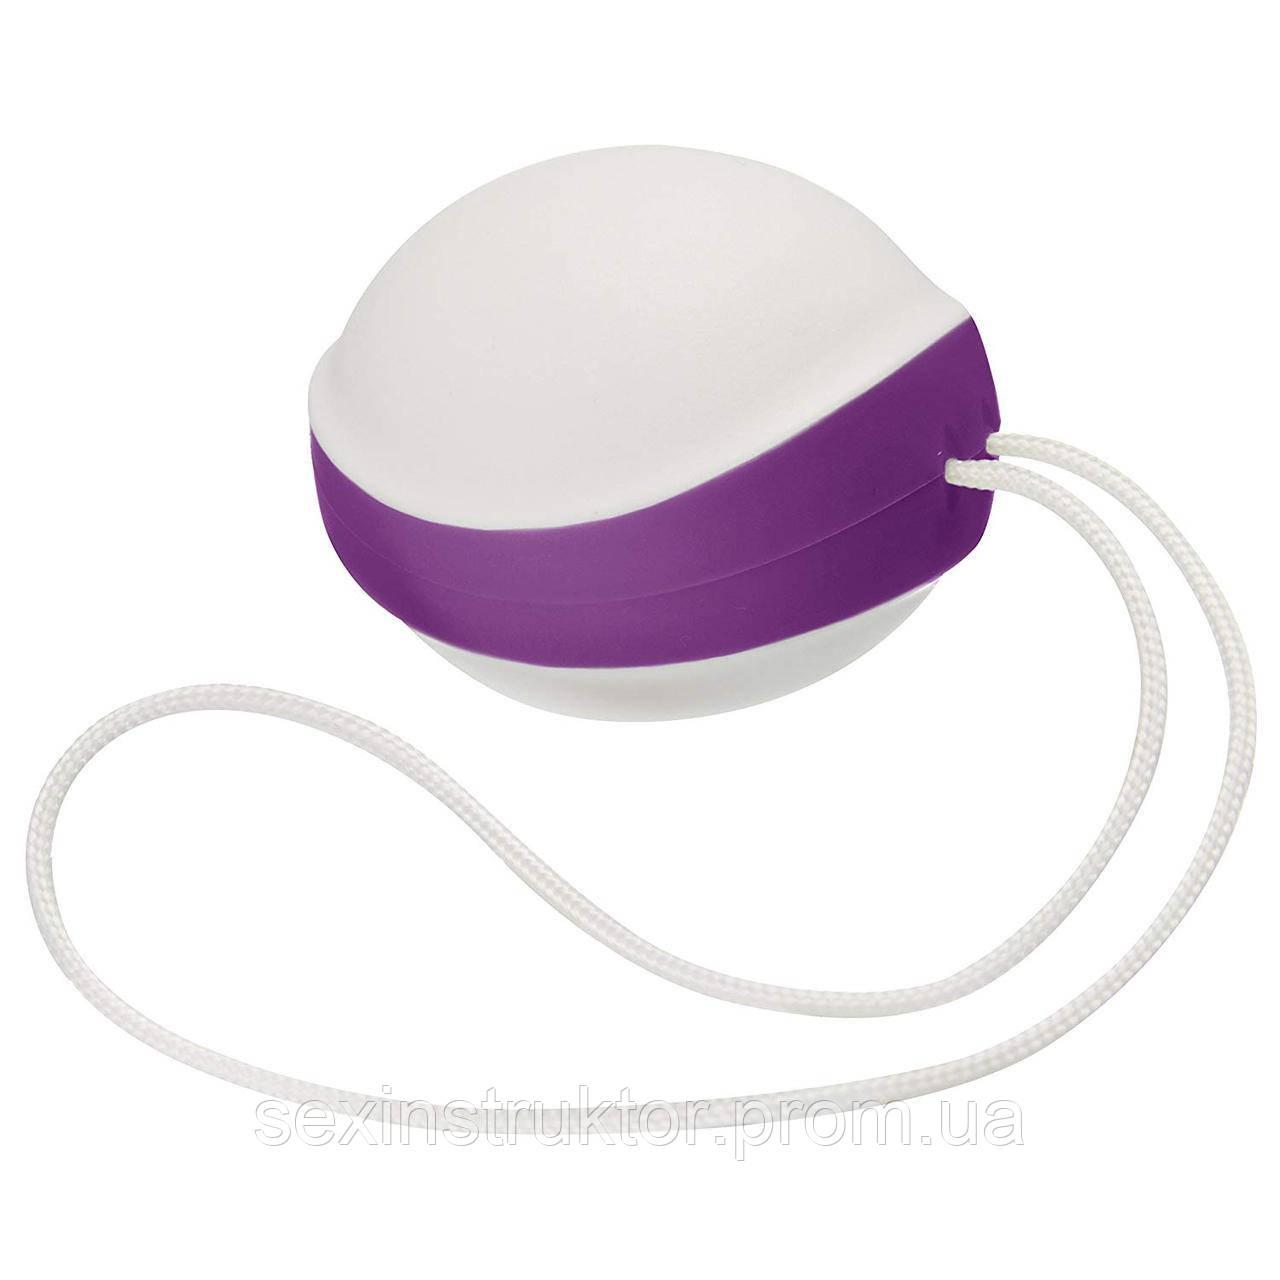 Вагинальный шарик - Amor Gym Balls Single, белый/фиолетовый